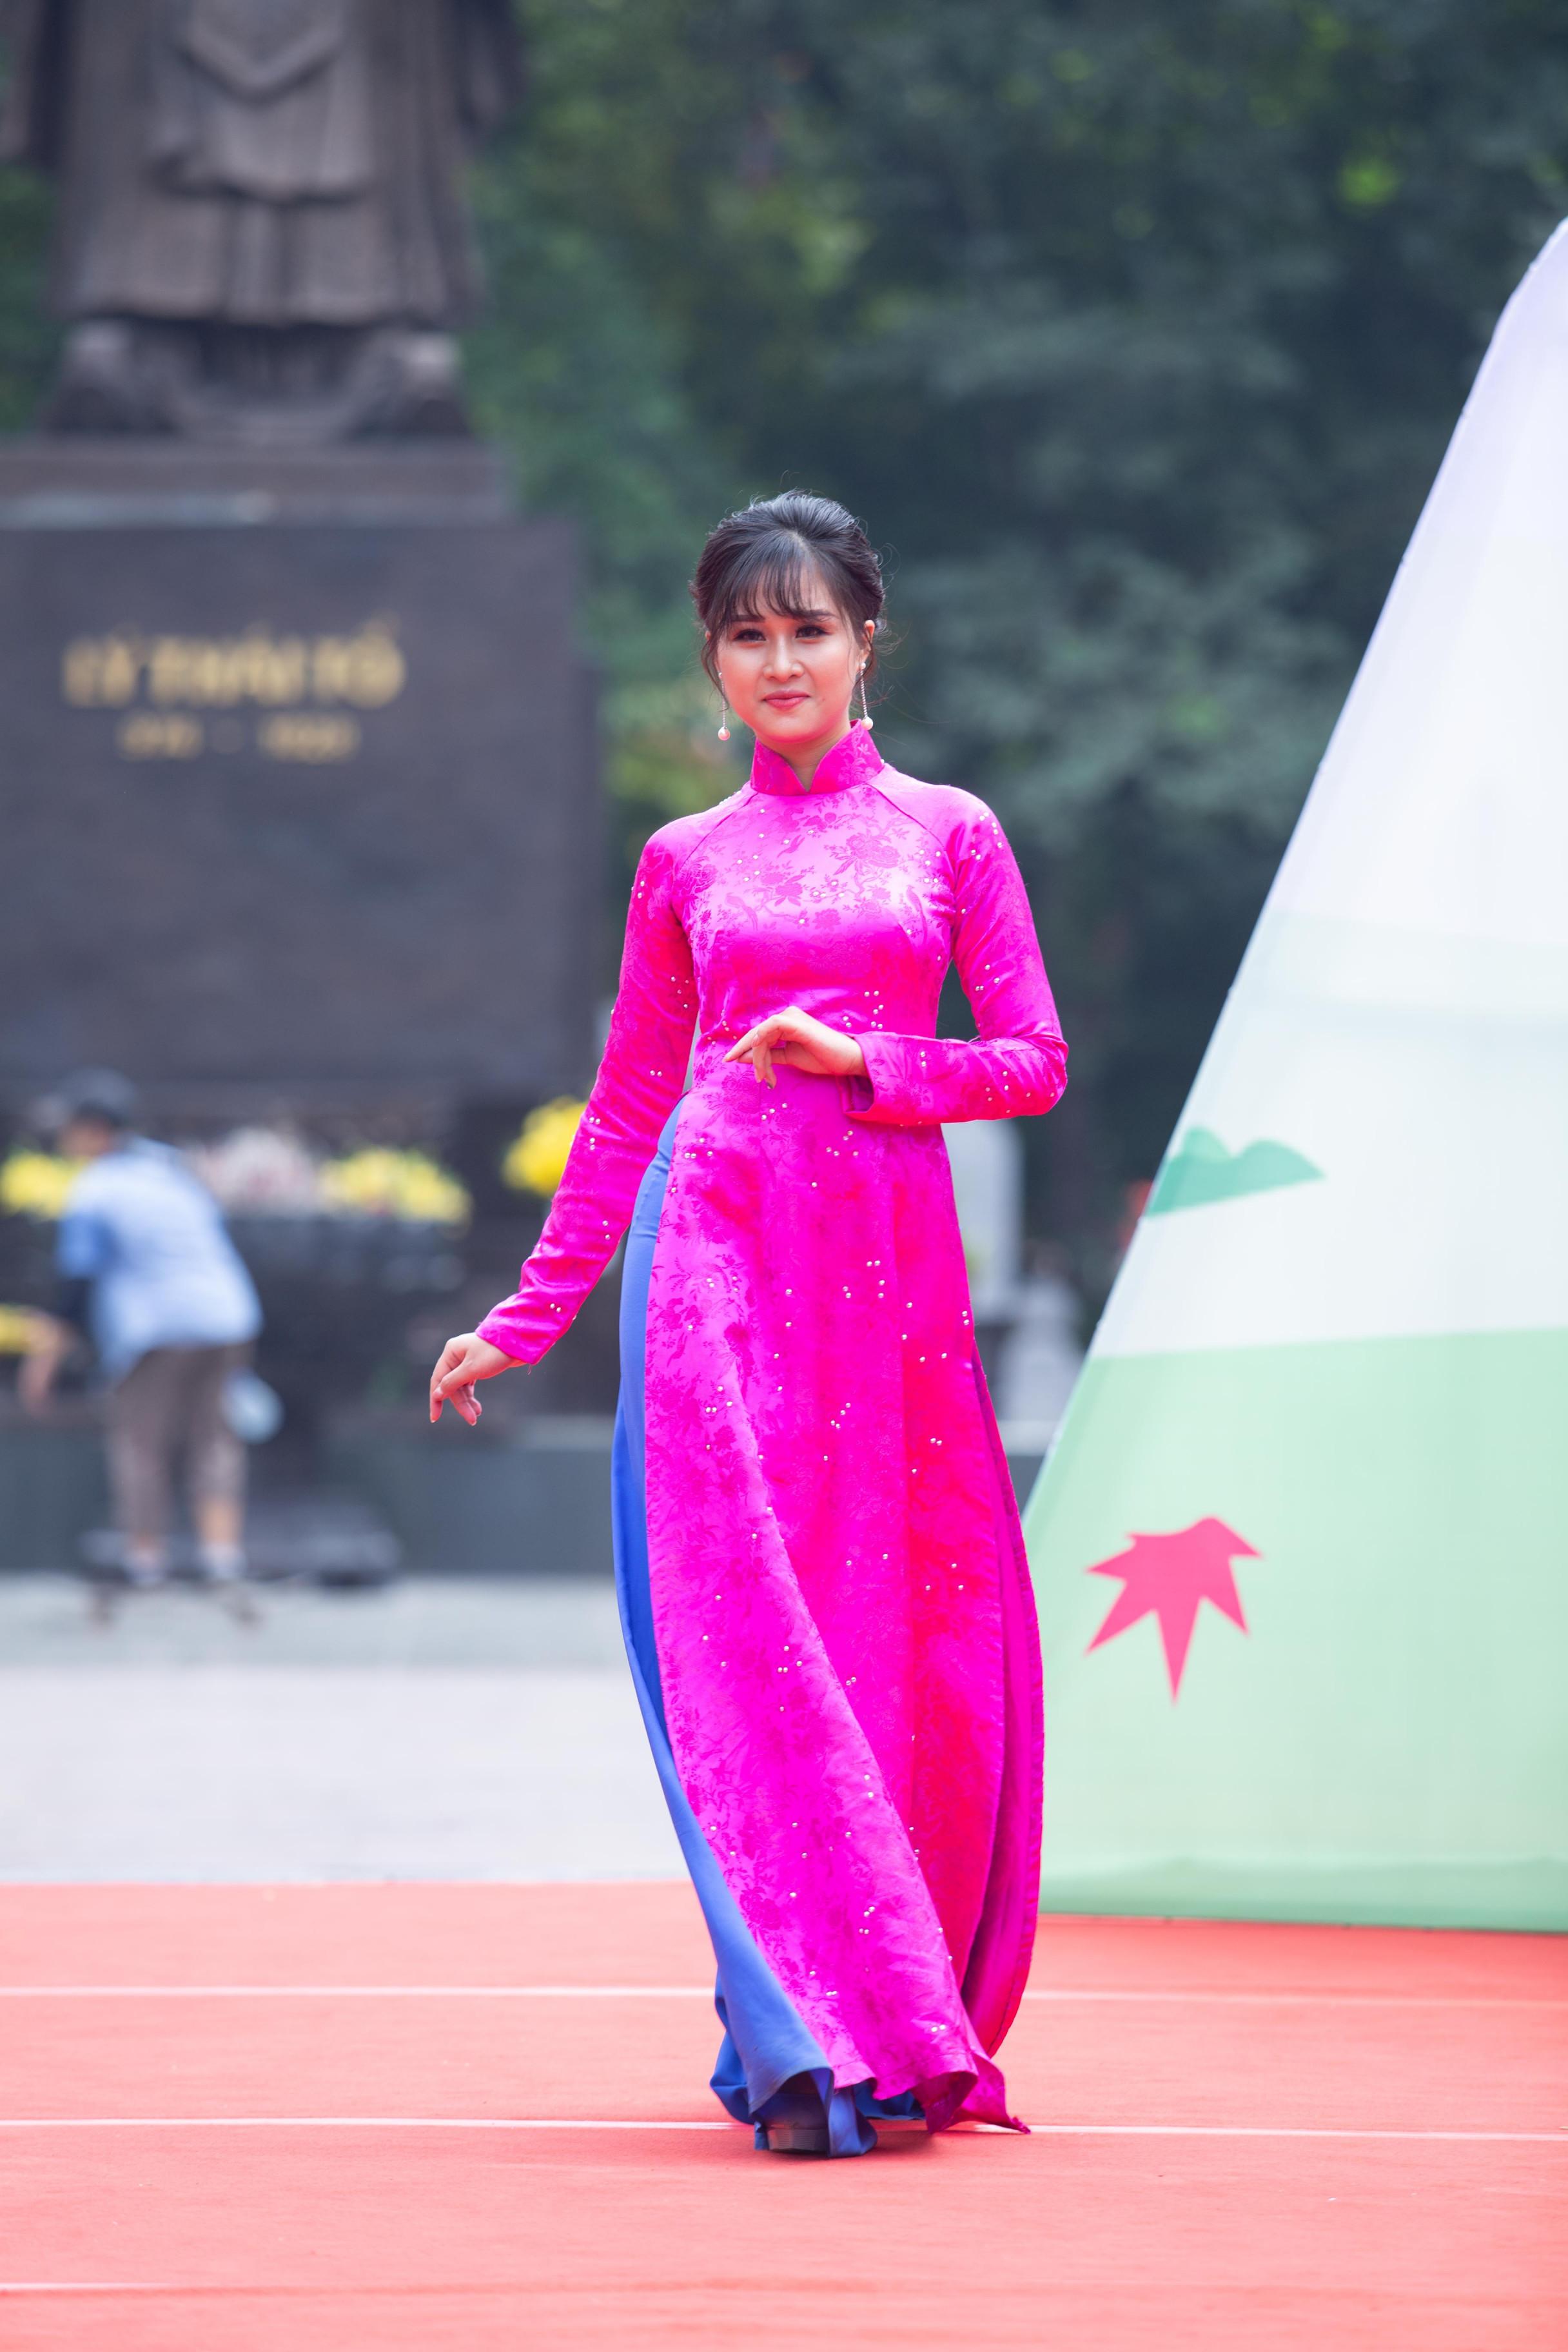 Á khôi Tài sắc Việt Nam 2017 Nguyễn Ngọc Hà